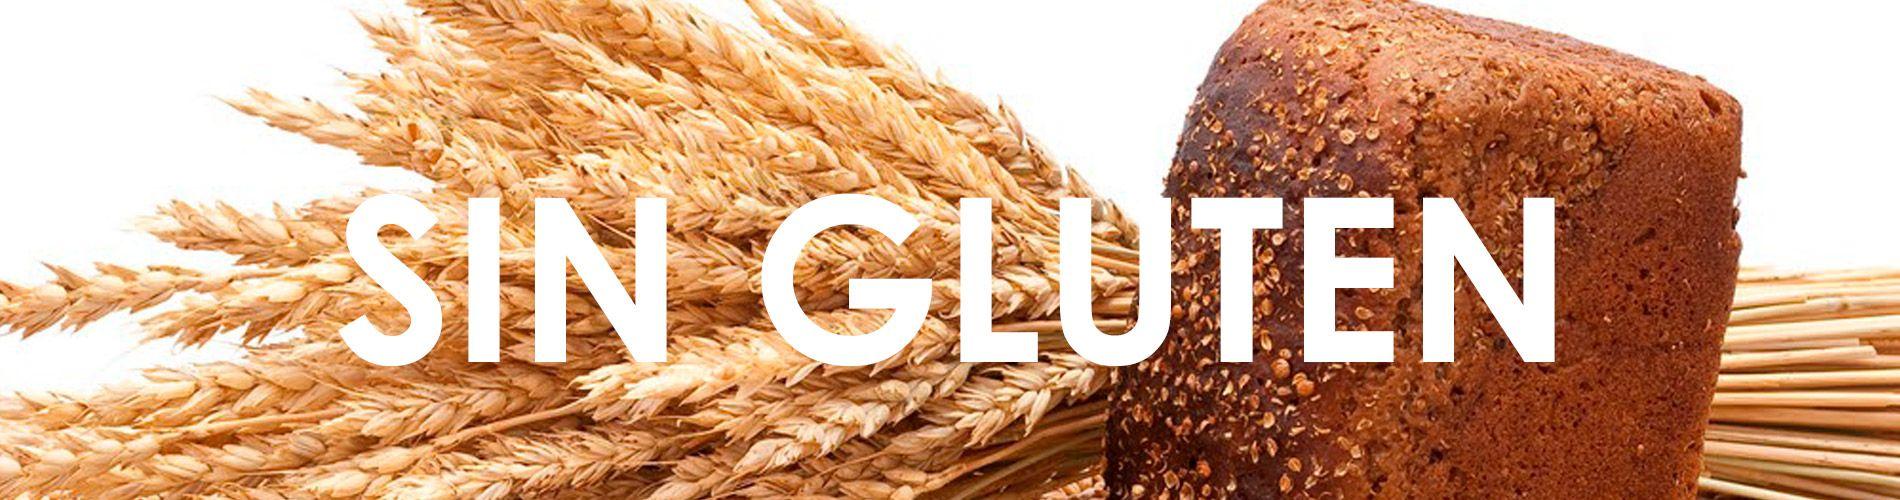 imagen de alimentos sin gluten